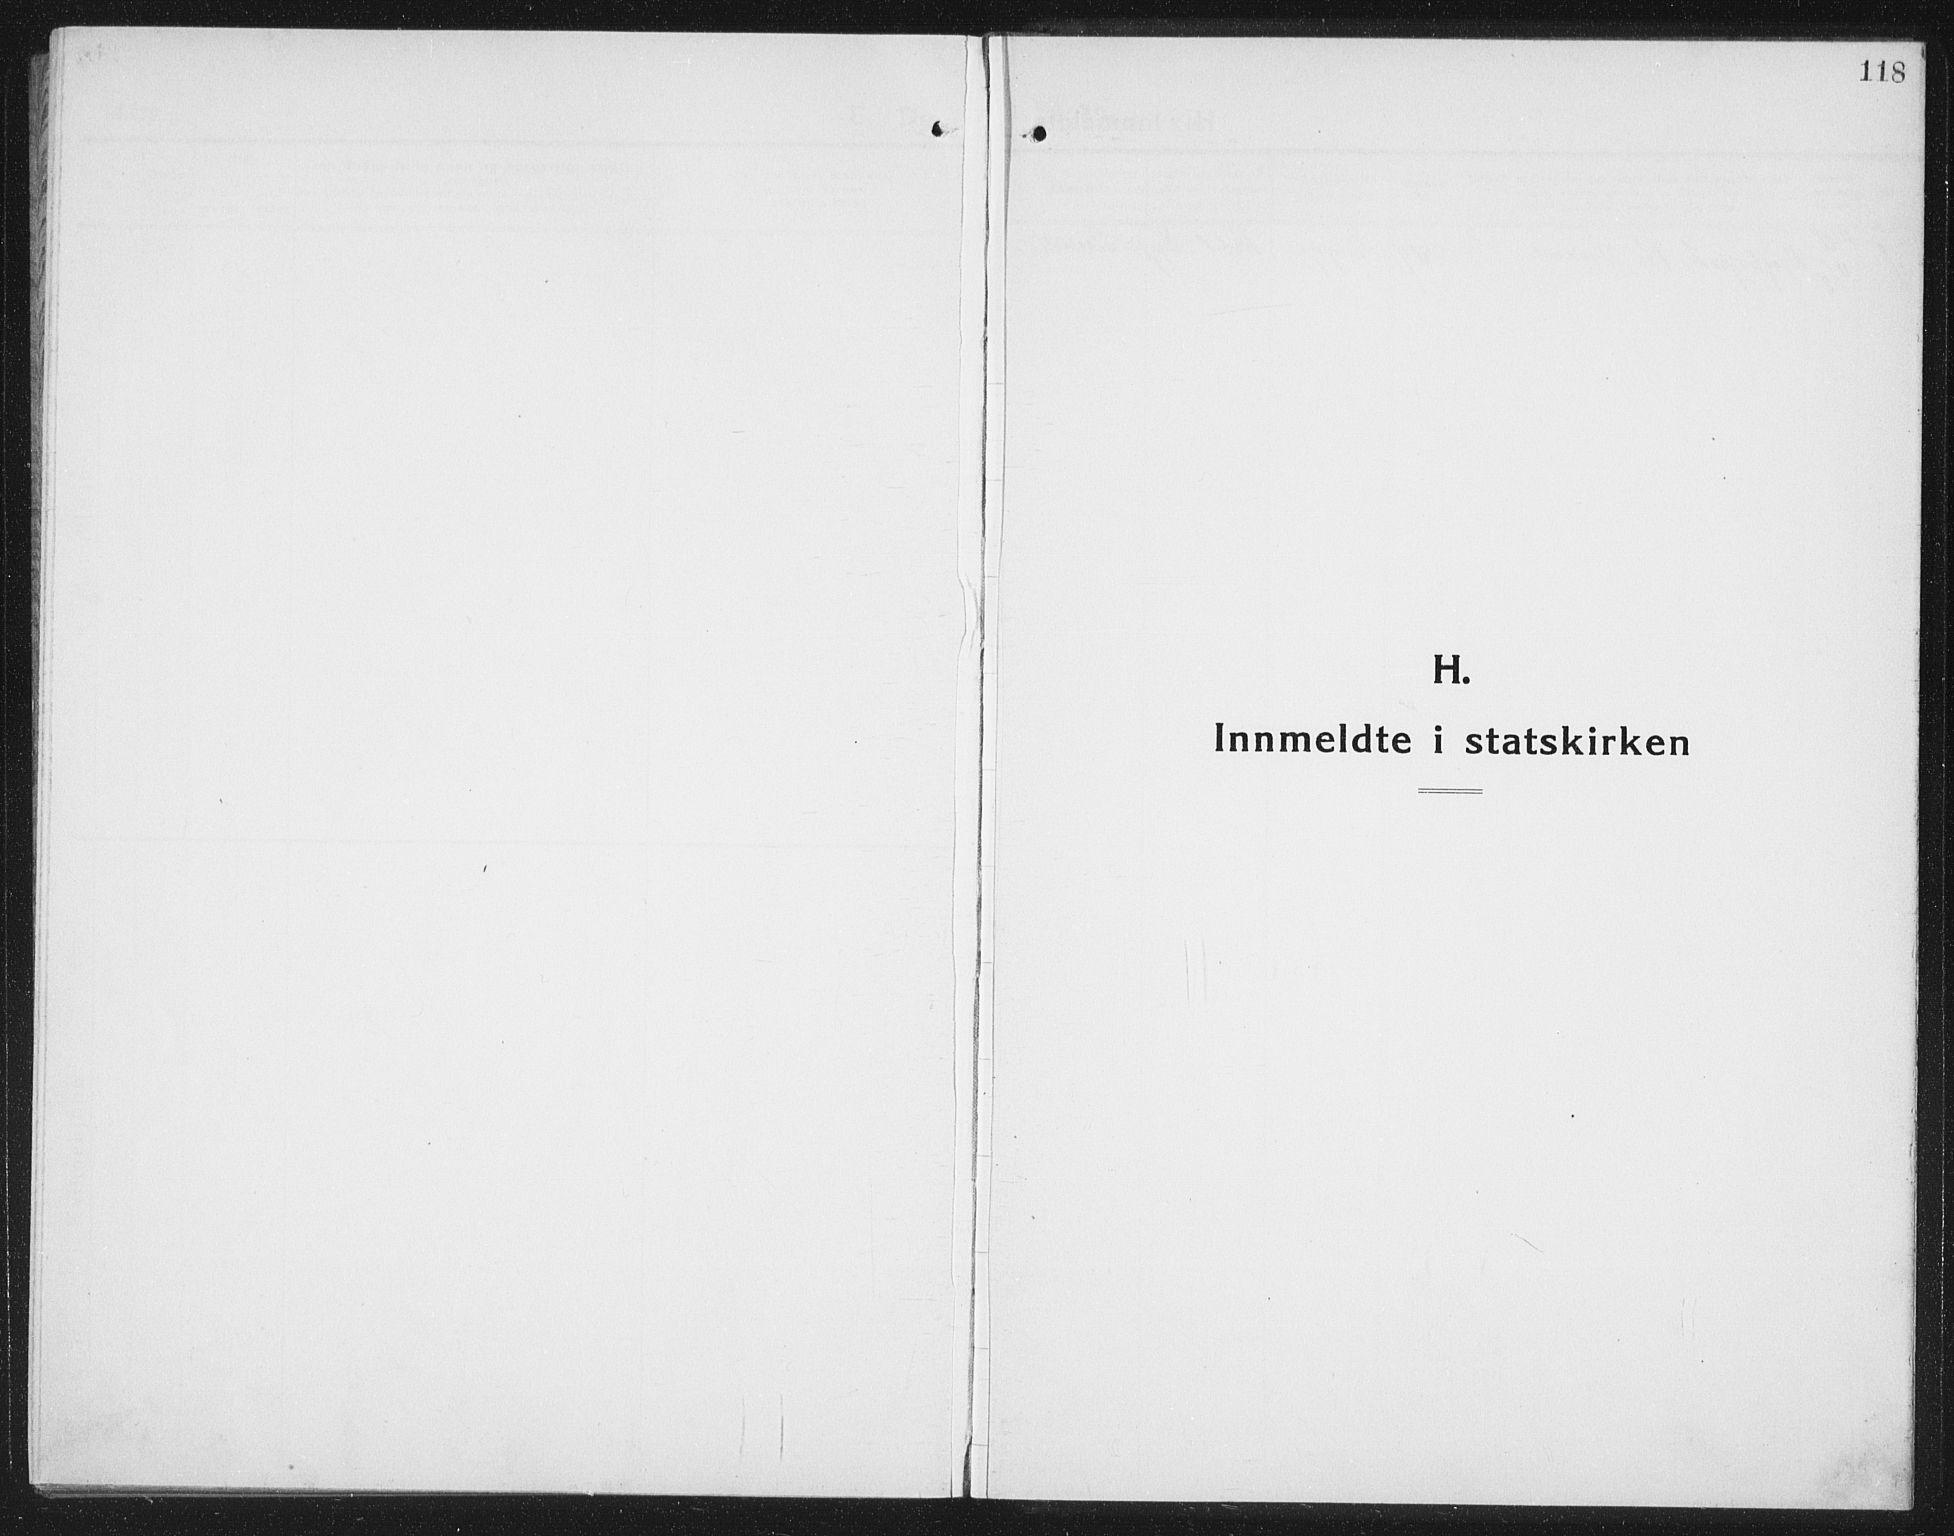 SAT, Ministerialprotokoller, klokkerbøker og fødselsregistre - Nord-Trøndelag, 740/L0383: Klokkerbok nr. 740C04, 1927-1939, s. 118